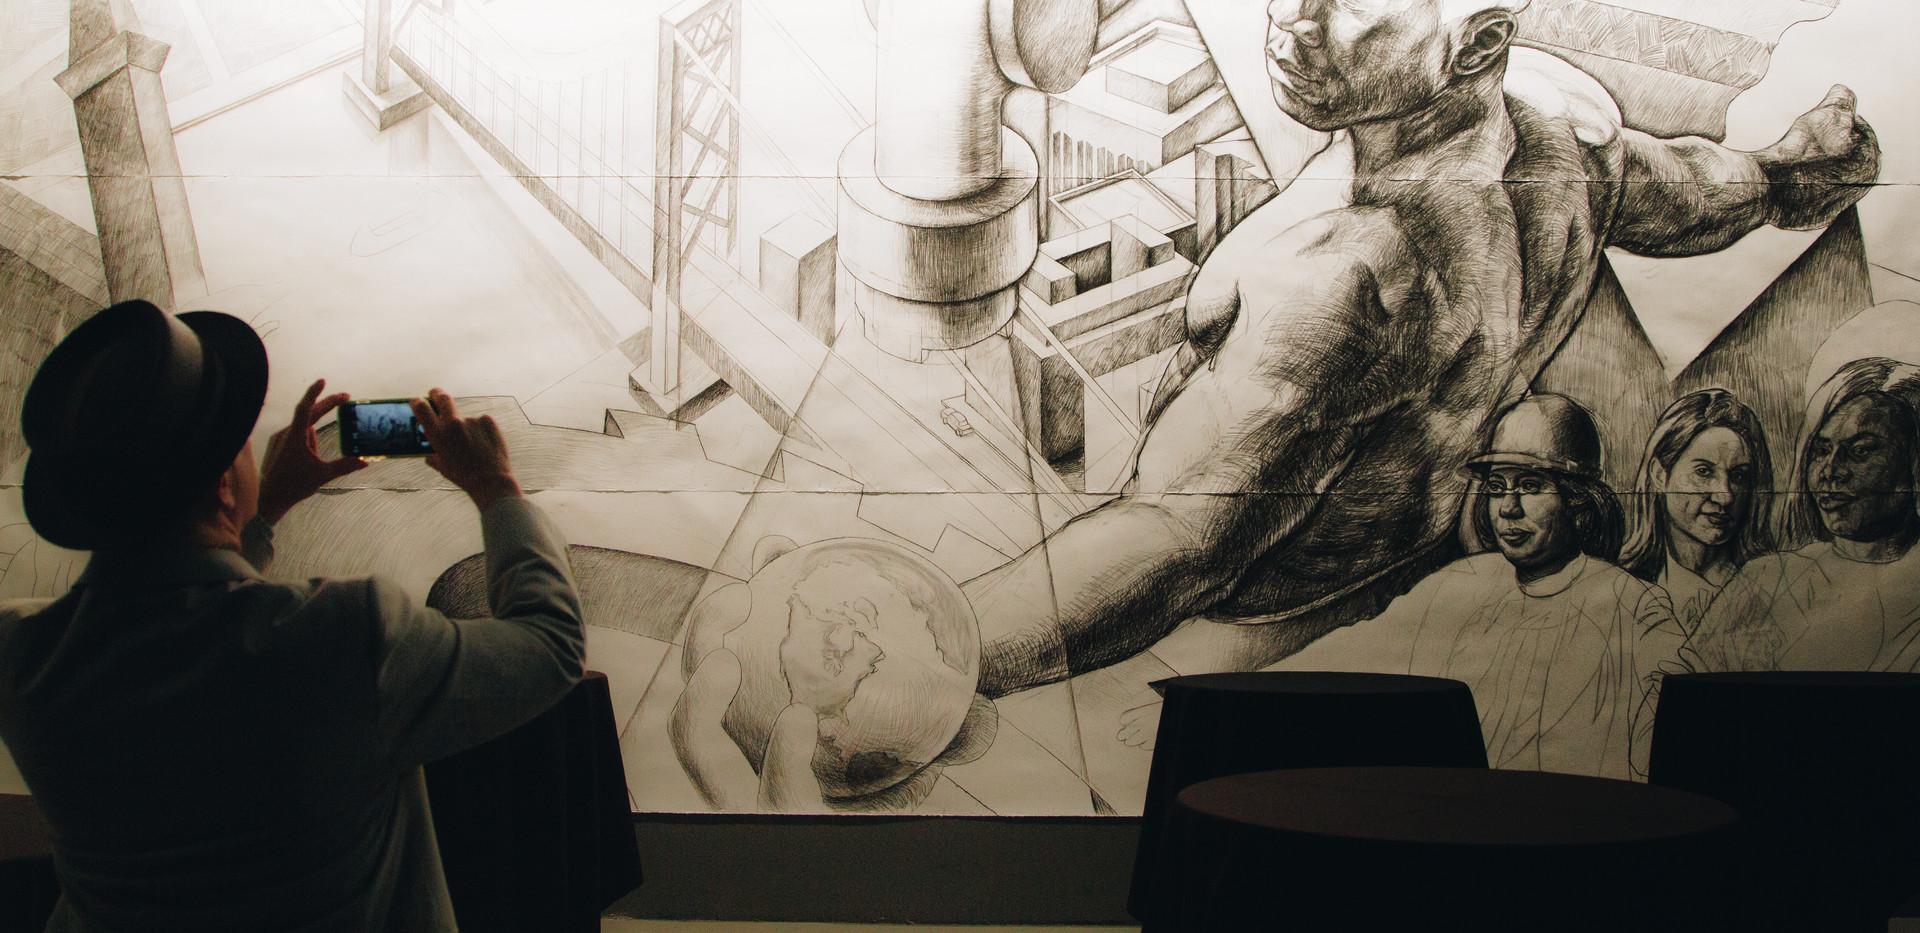 Cobo Center Art6.jpg